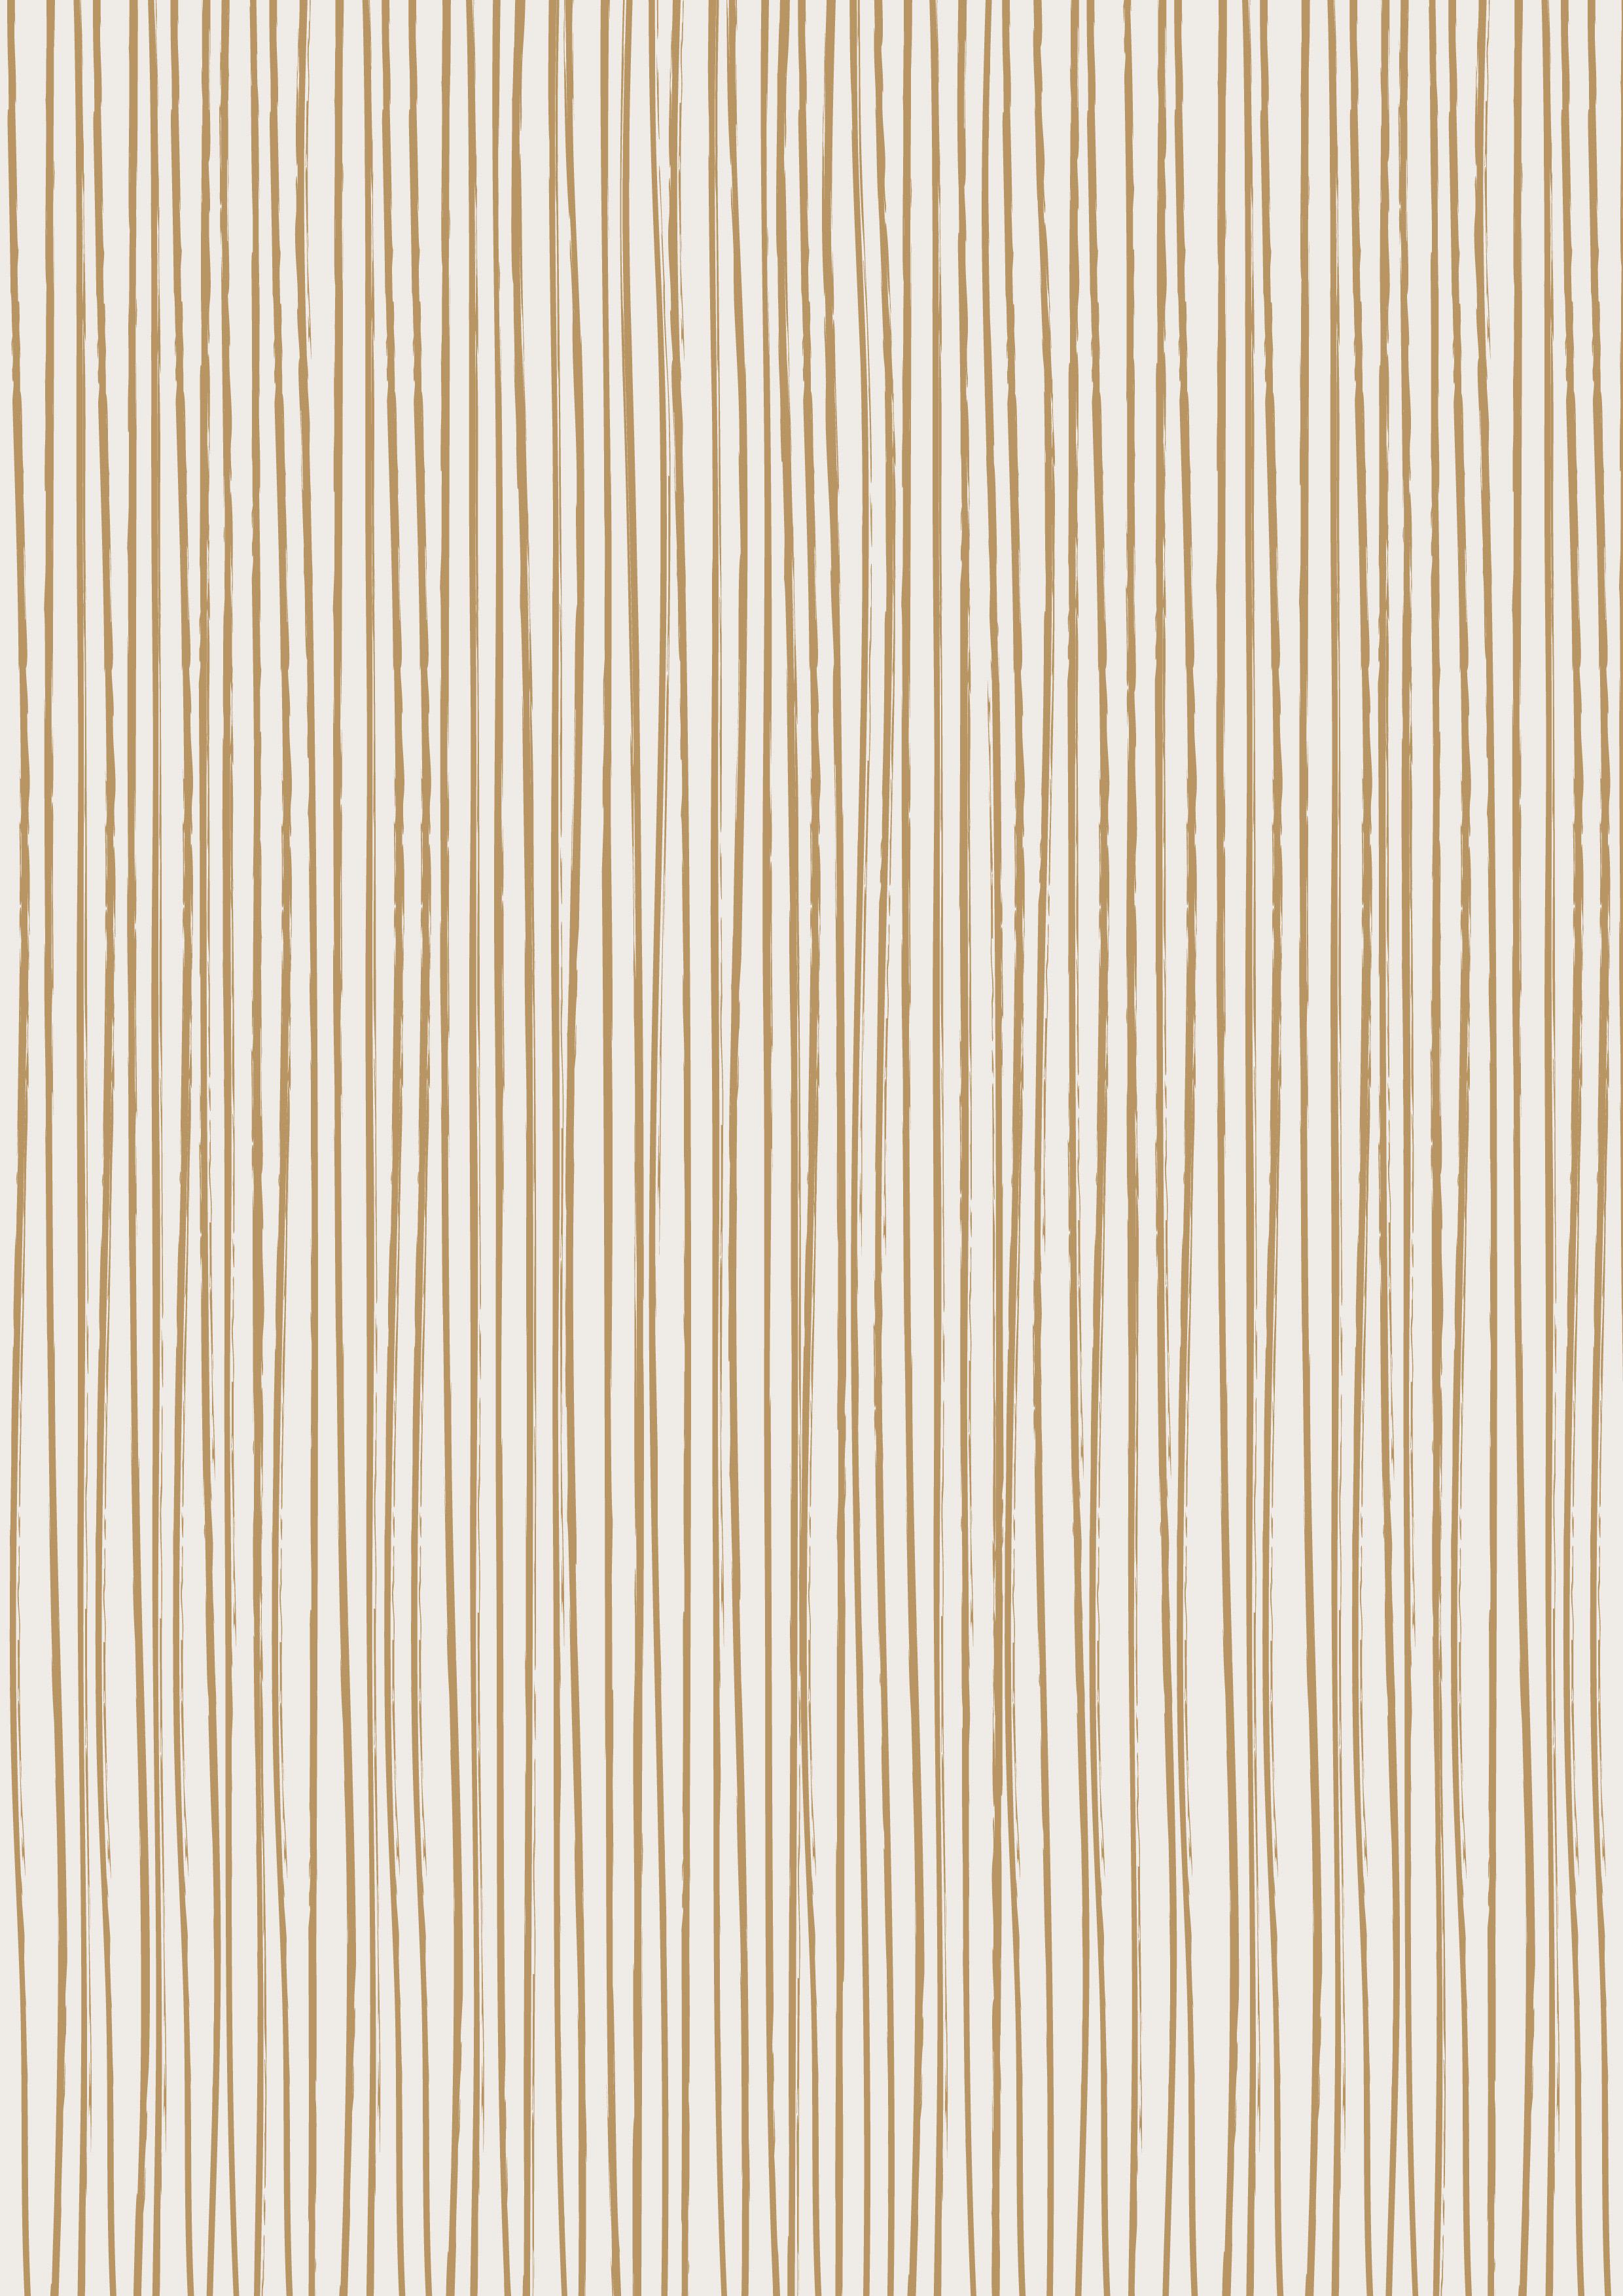 fcdecbffda-printable-paper-clip-art-wallpaper-wp5801592